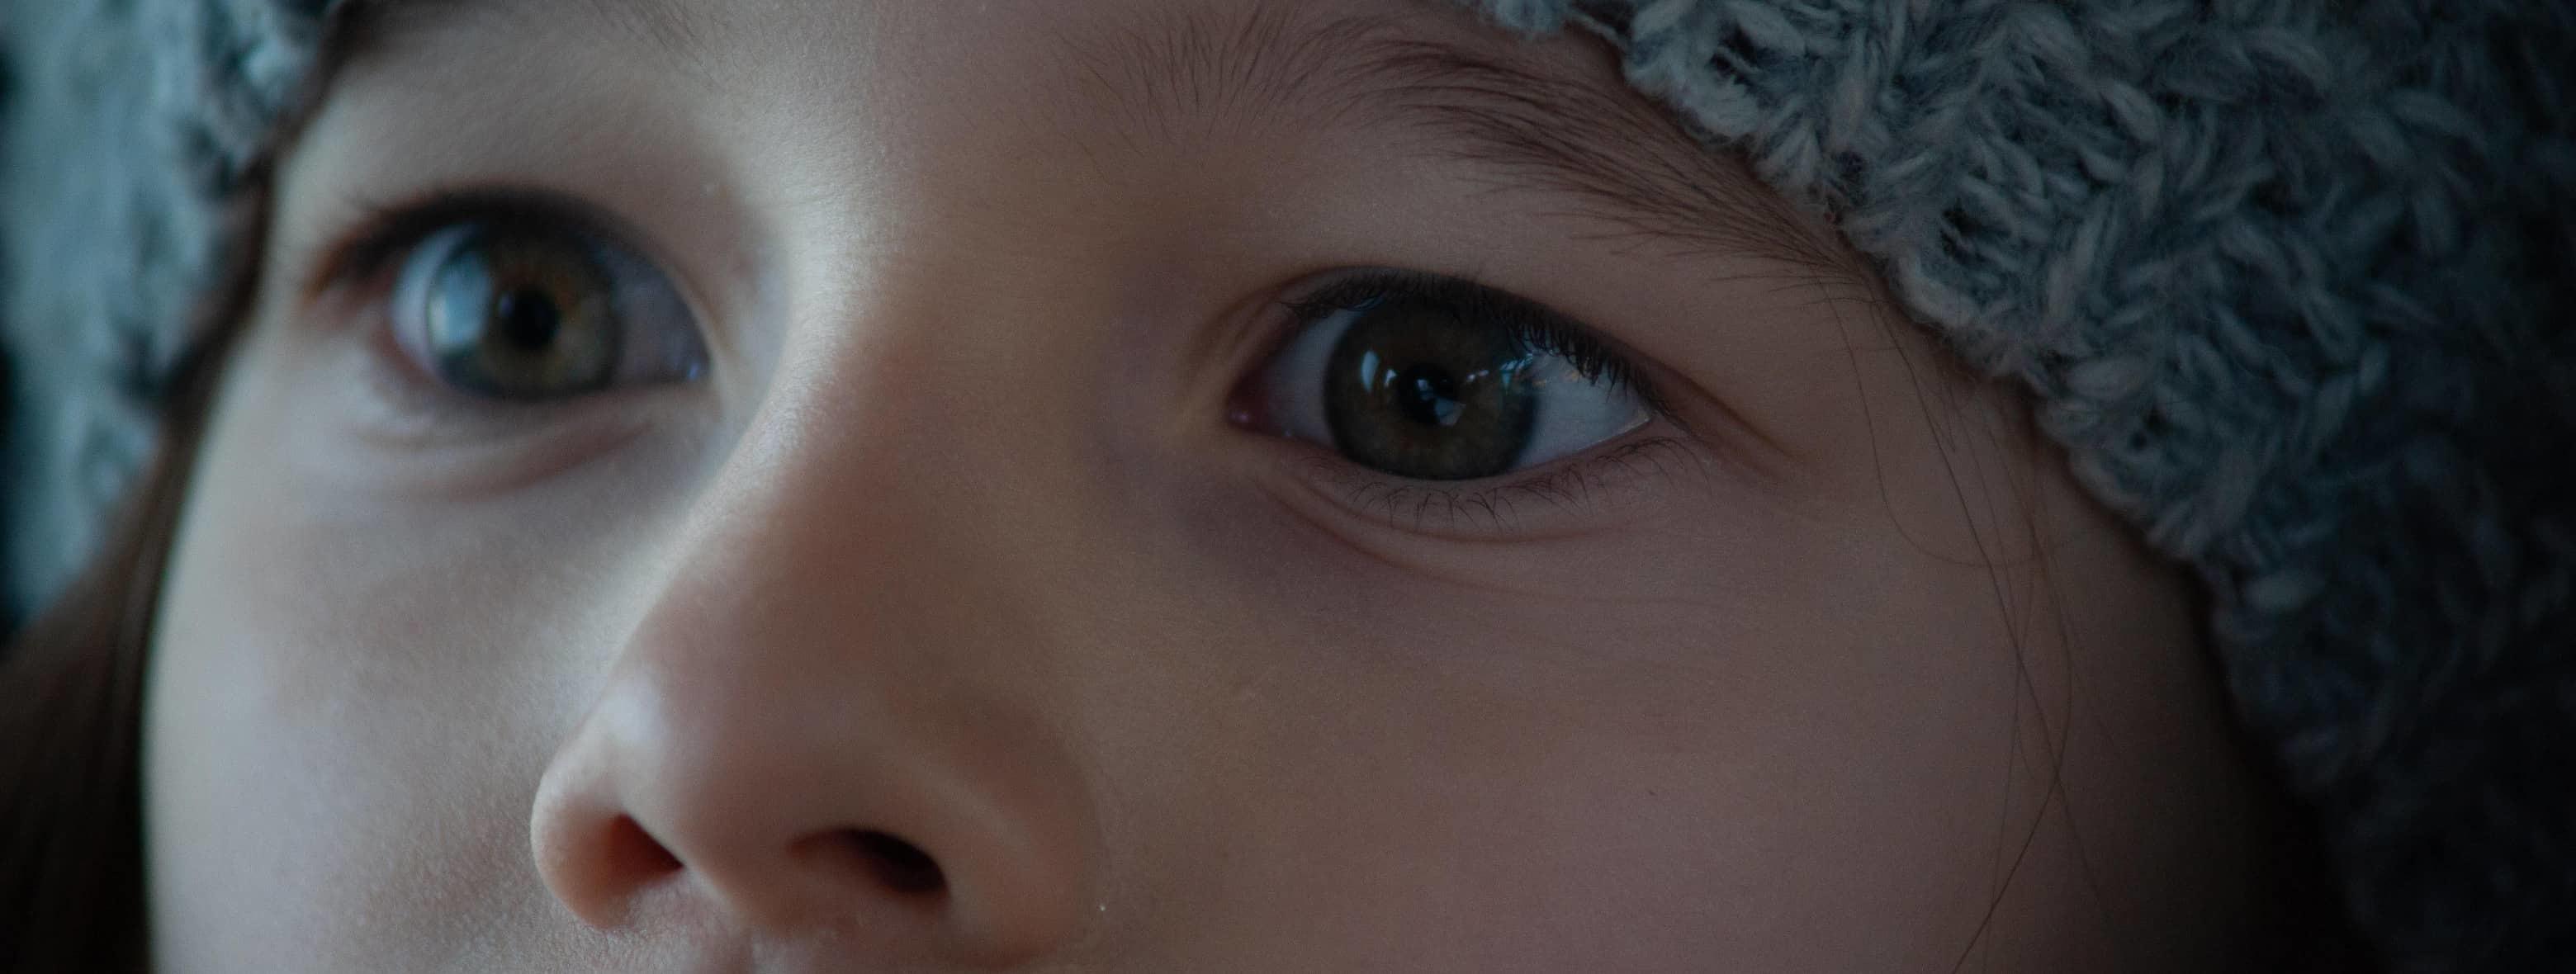 Zbliżenie na oczy przerażonej dziewczynki, która właśnie ujrzała nadjeżdżającą z naprzeciwka ciężarówkę.